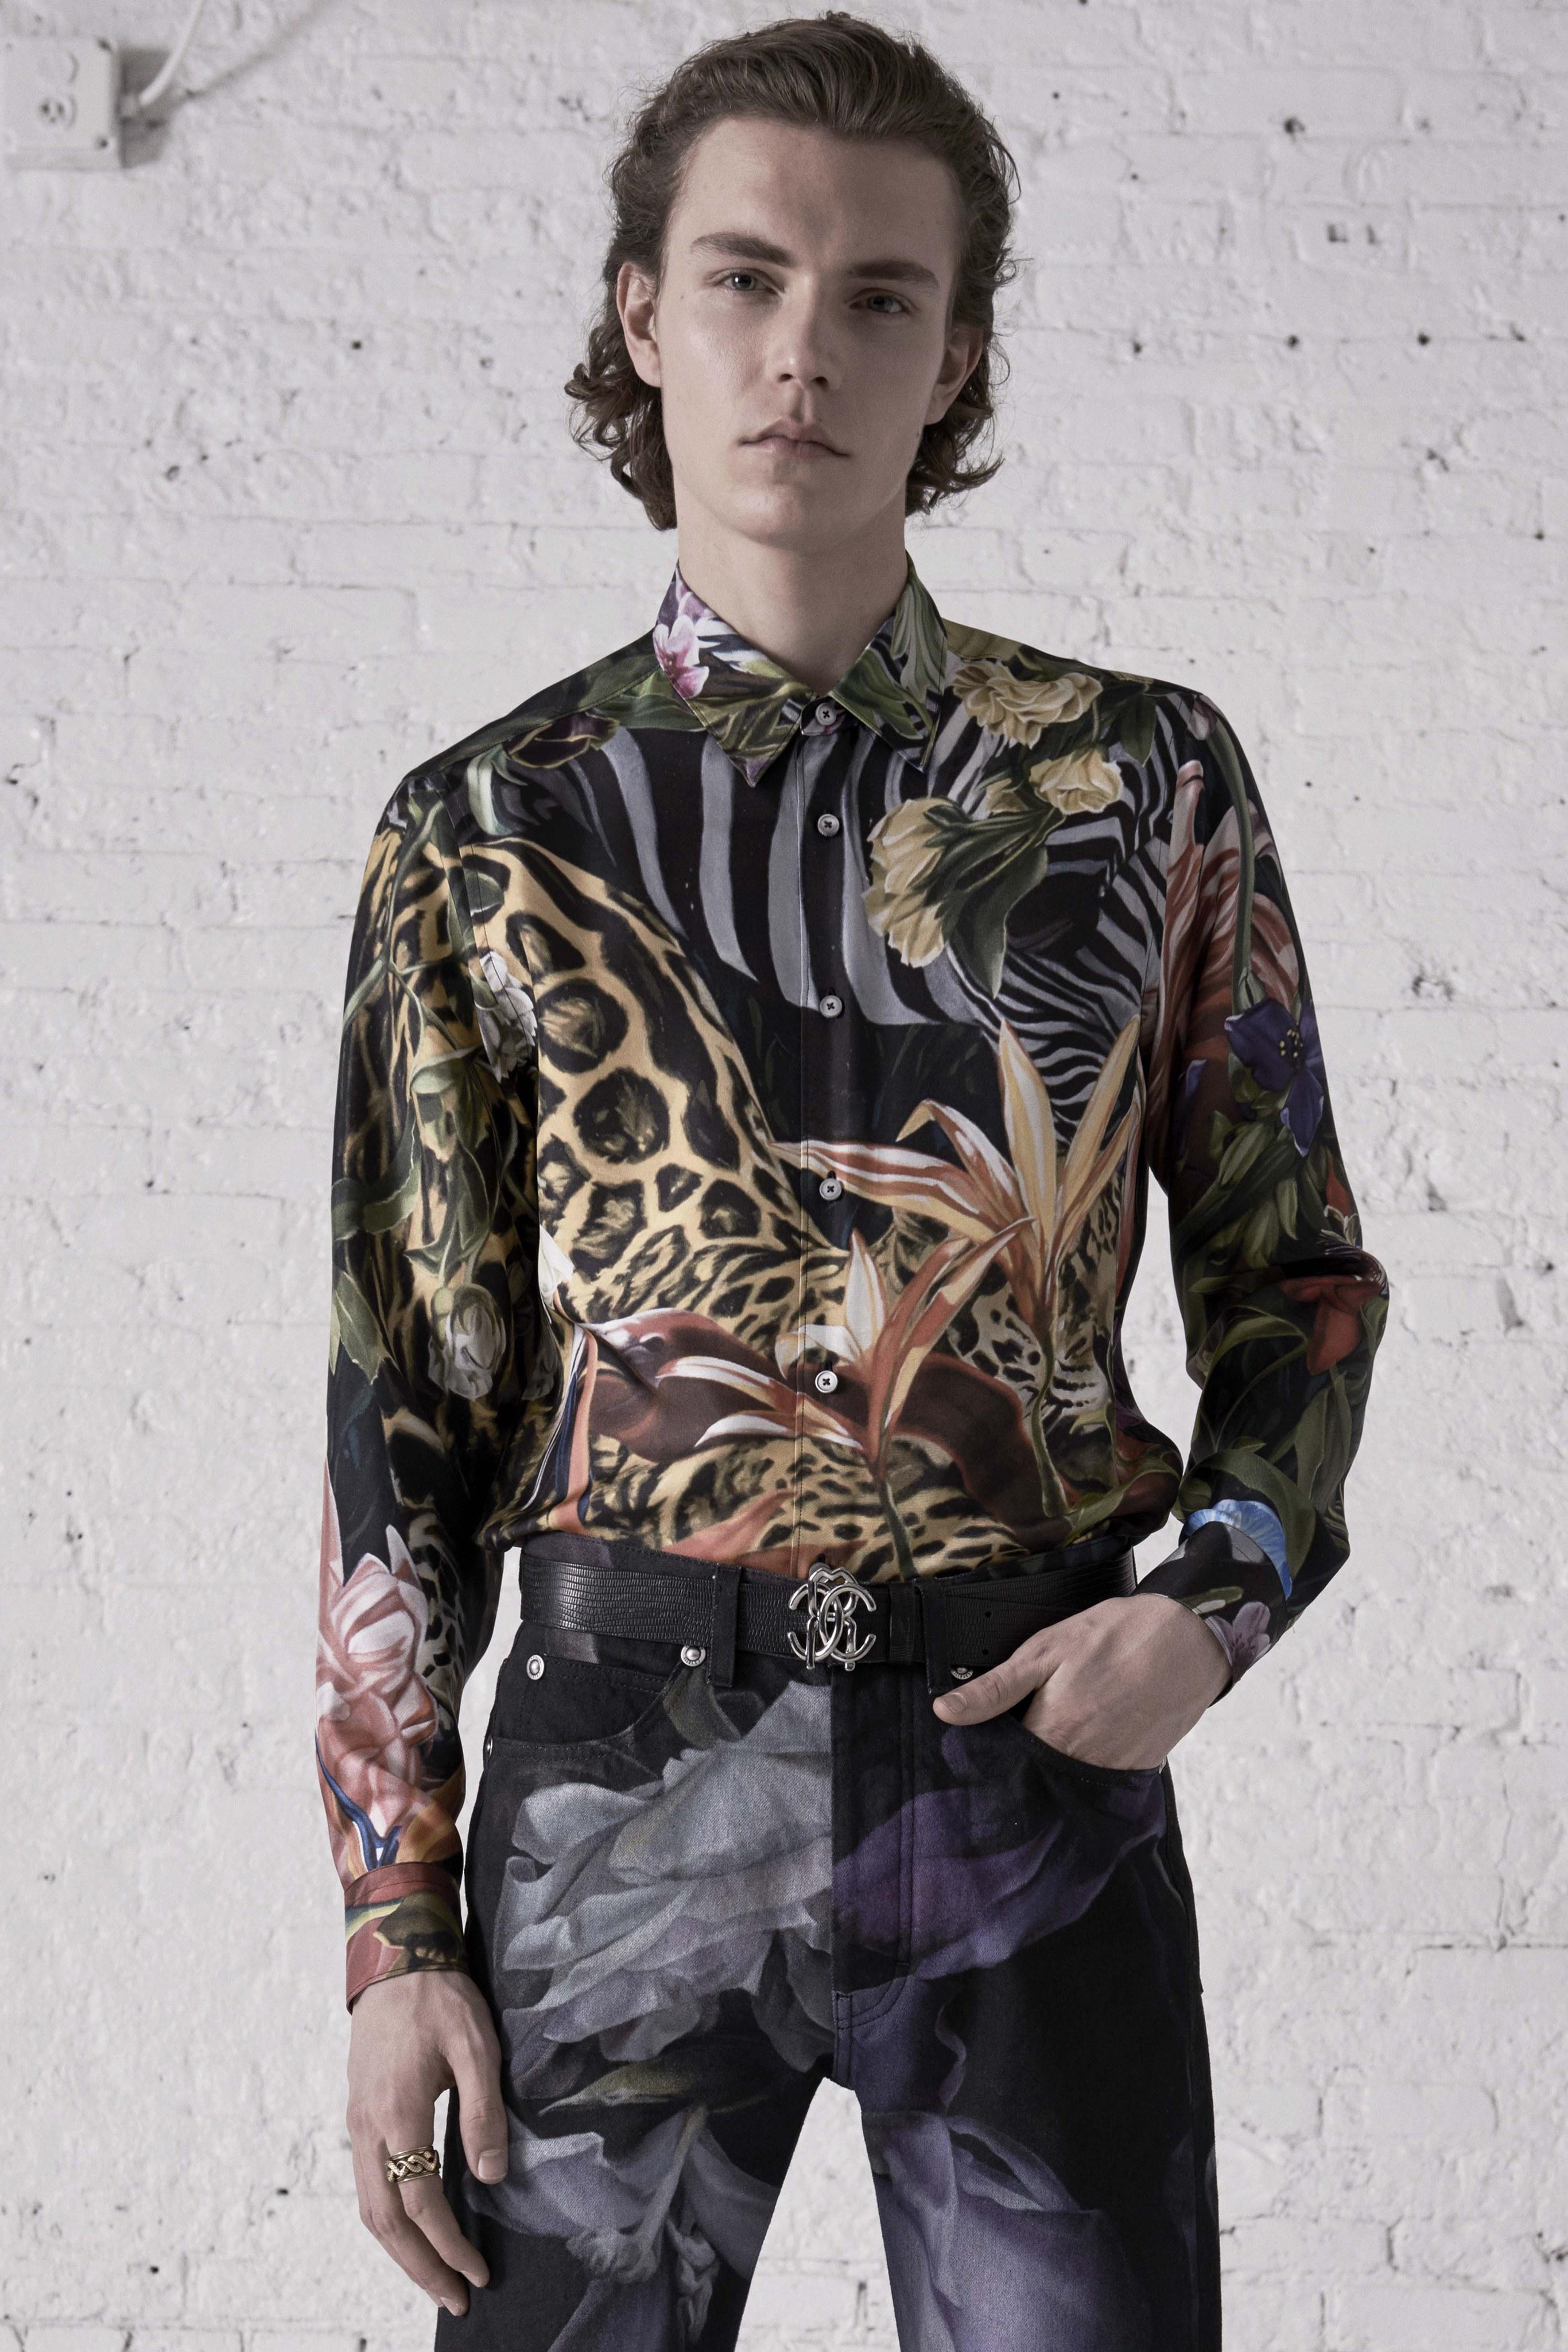 Un chileno en la moda: José Pedro Godoy crea estampados para la última colección de Cavalli